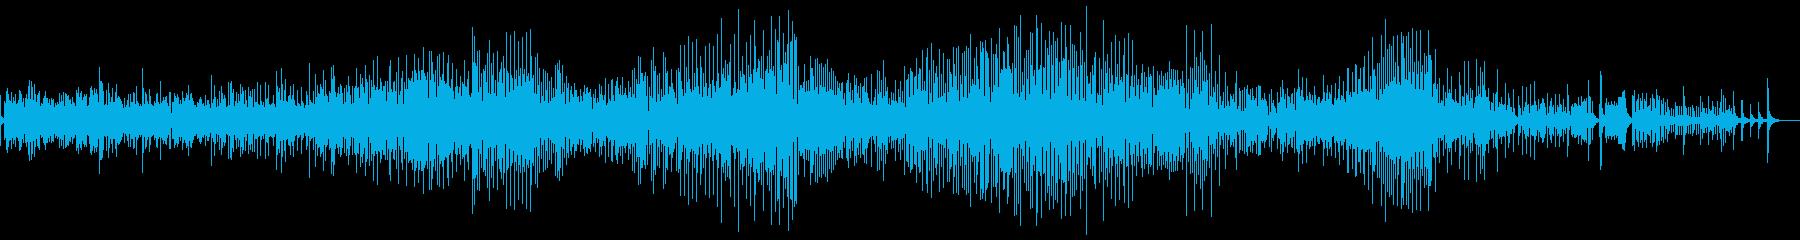 正月 マリンバソロ 和風 春 日本風の再生済みの波形